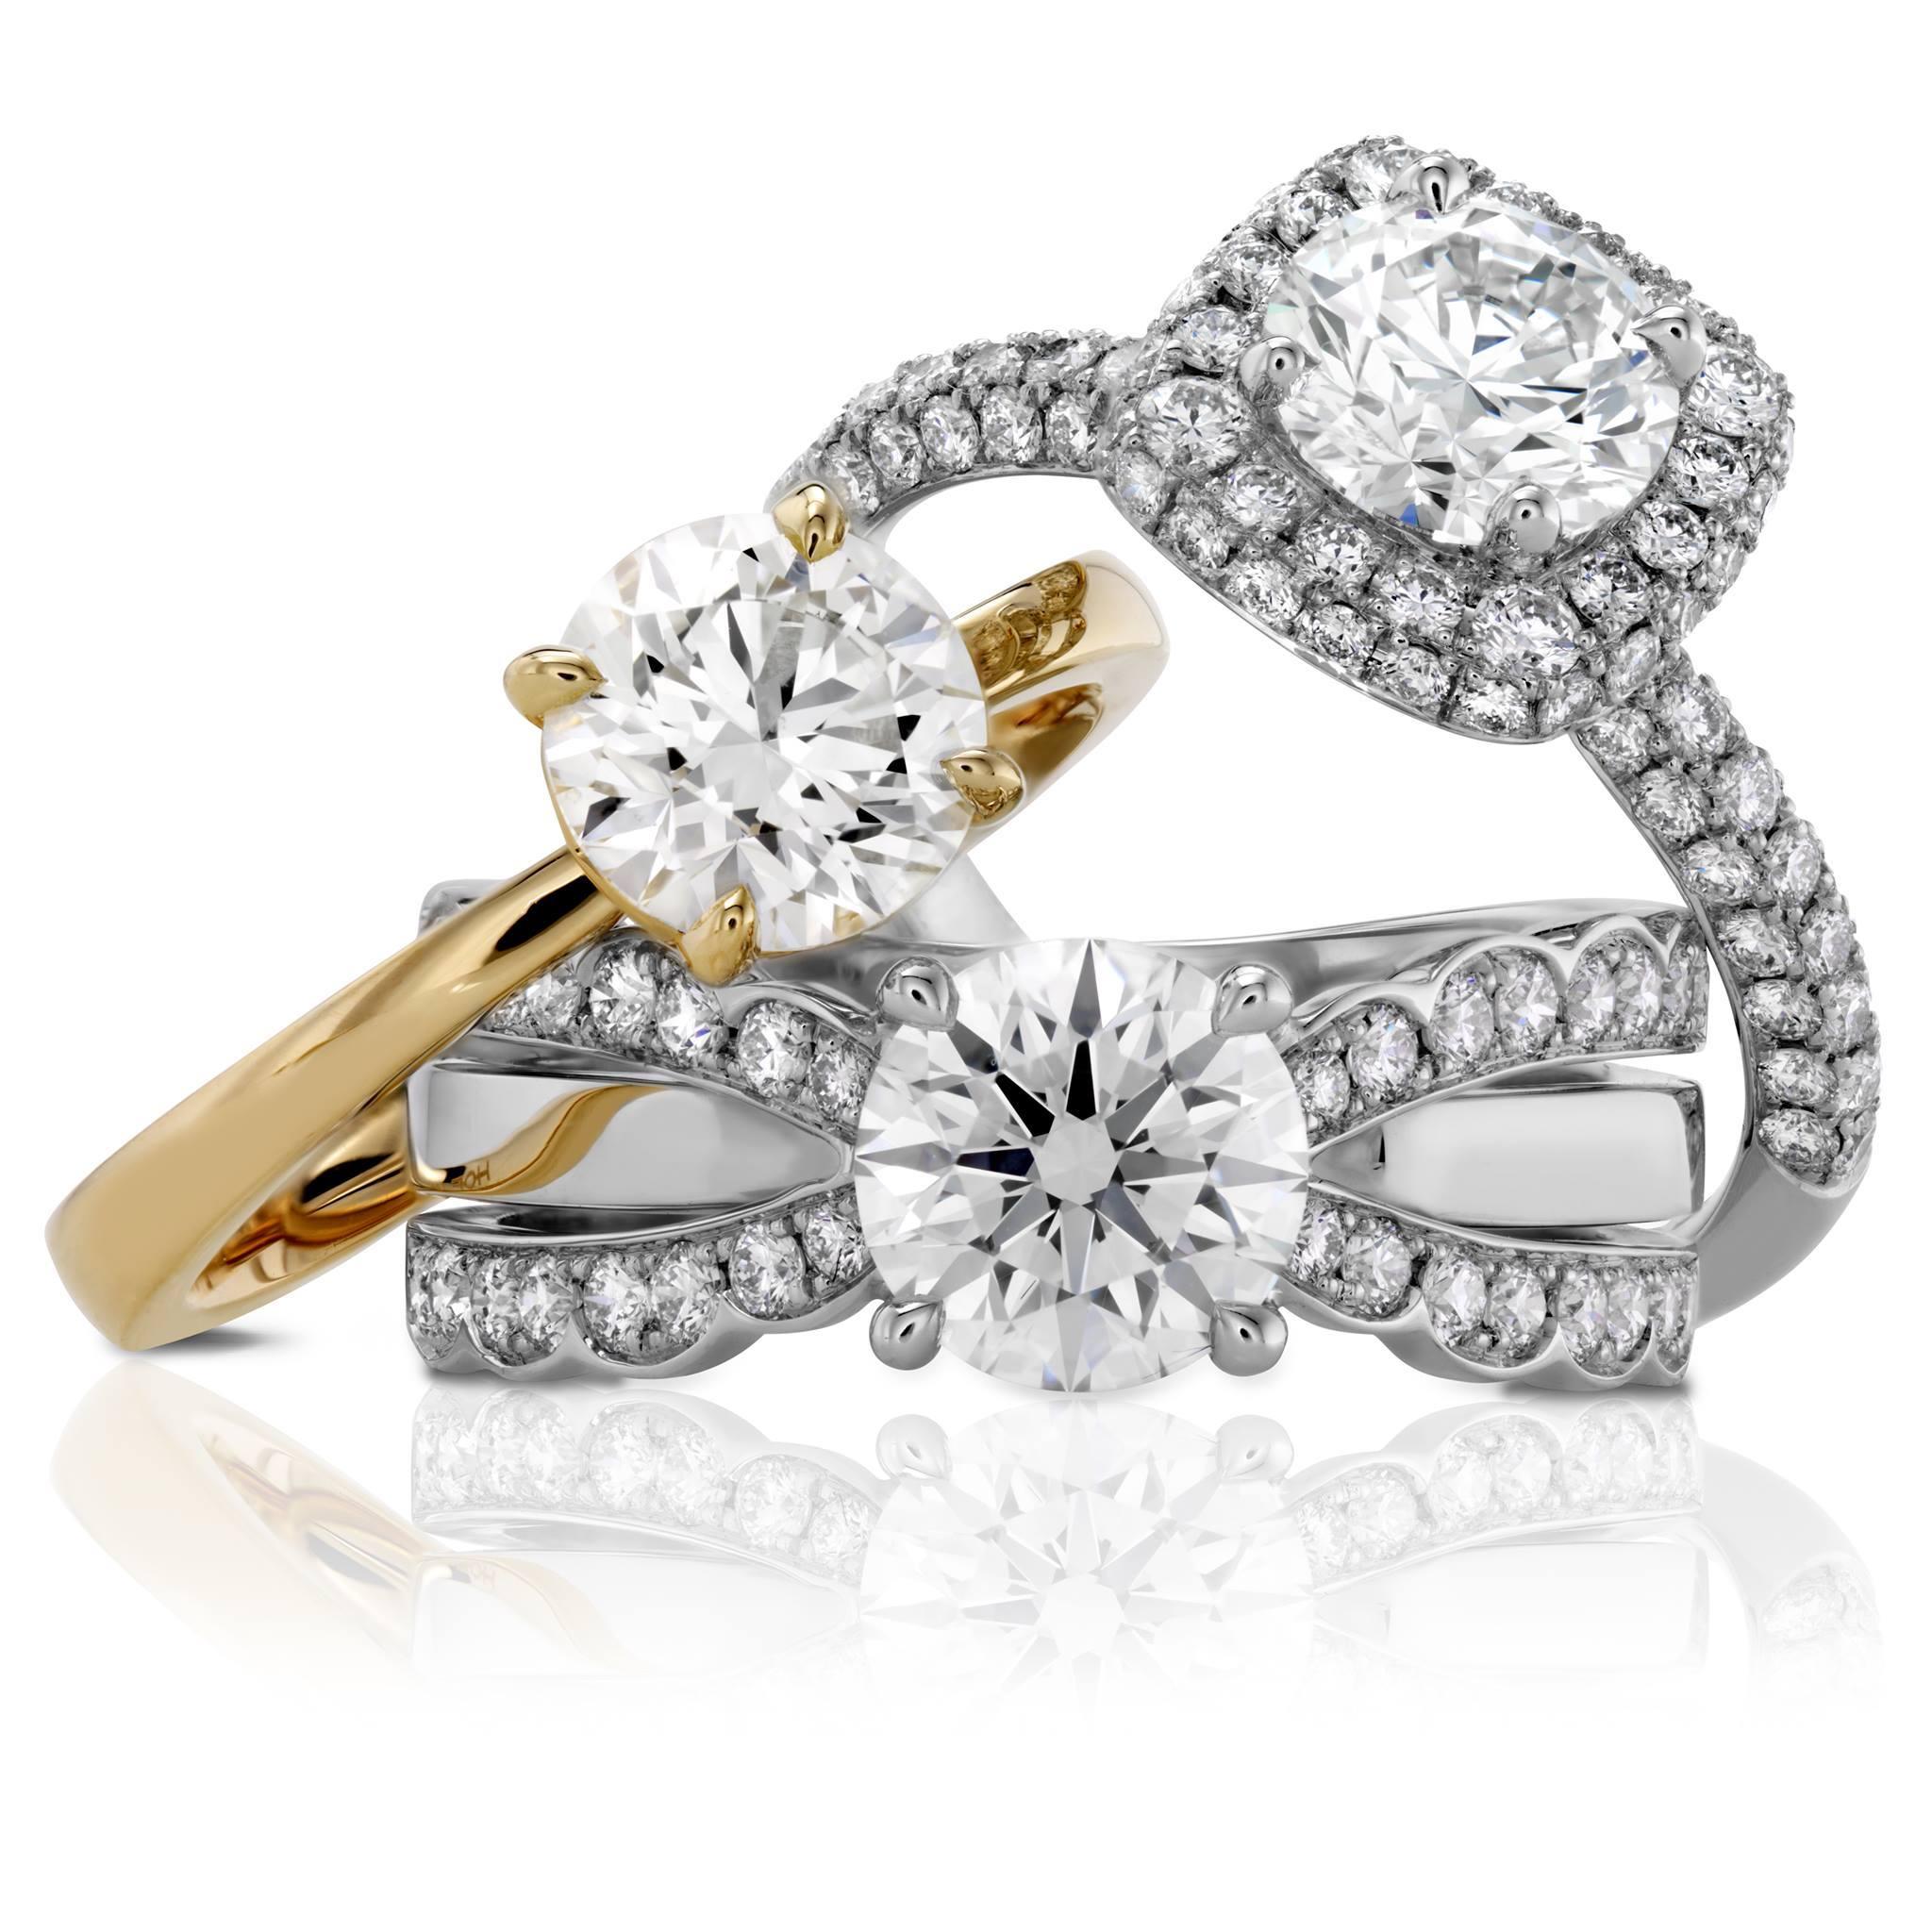 Spicer greene jewelers 1476471225 ringstack